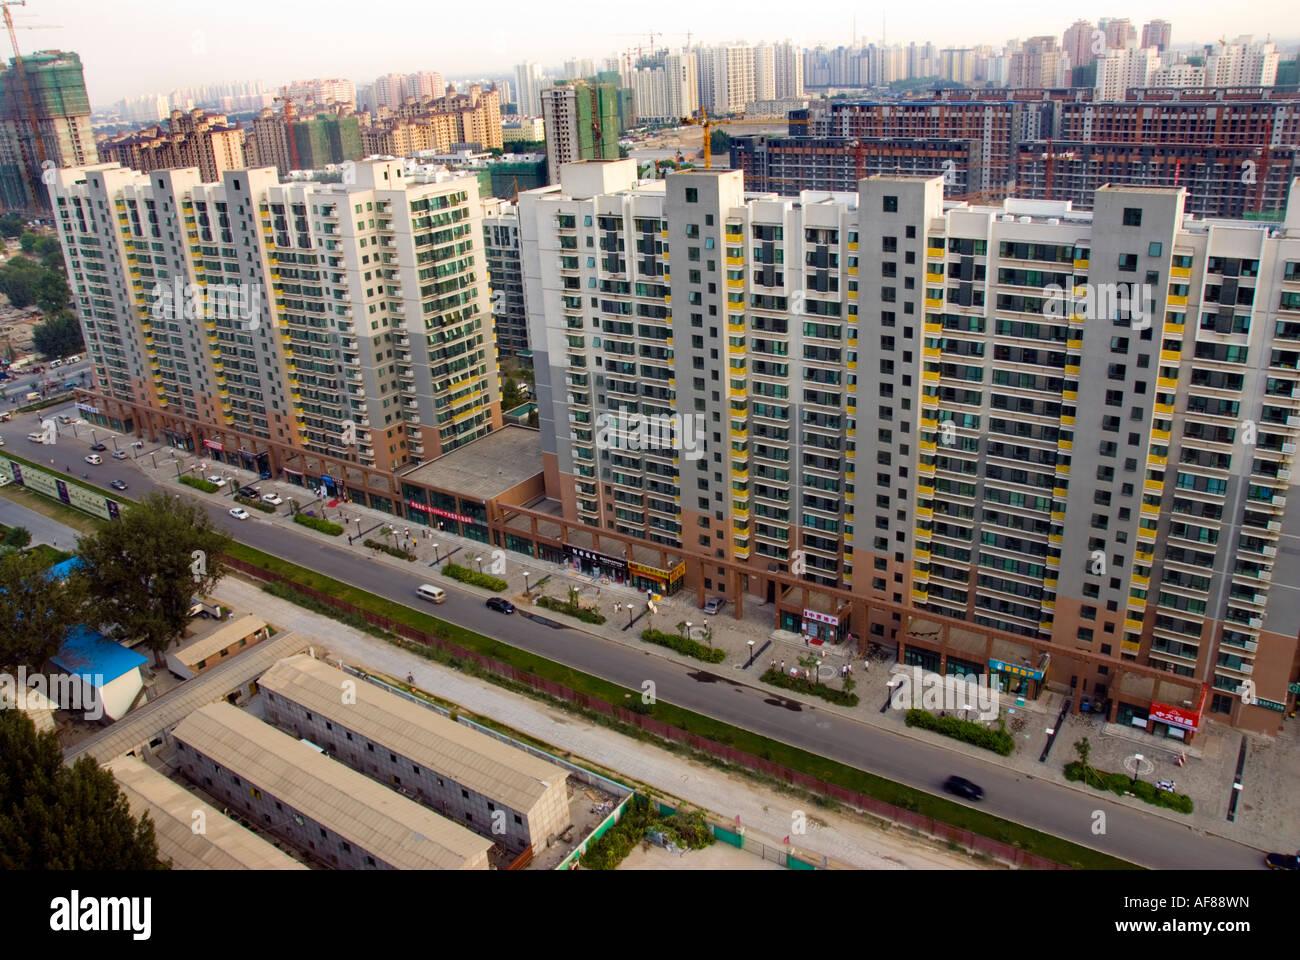 Beijing CHINE, nouveaux immeubles d'appartements d'architecture en construction de CityScape, asie chine route chinoise asiatique, structure en béton armé, n Banque D'Images